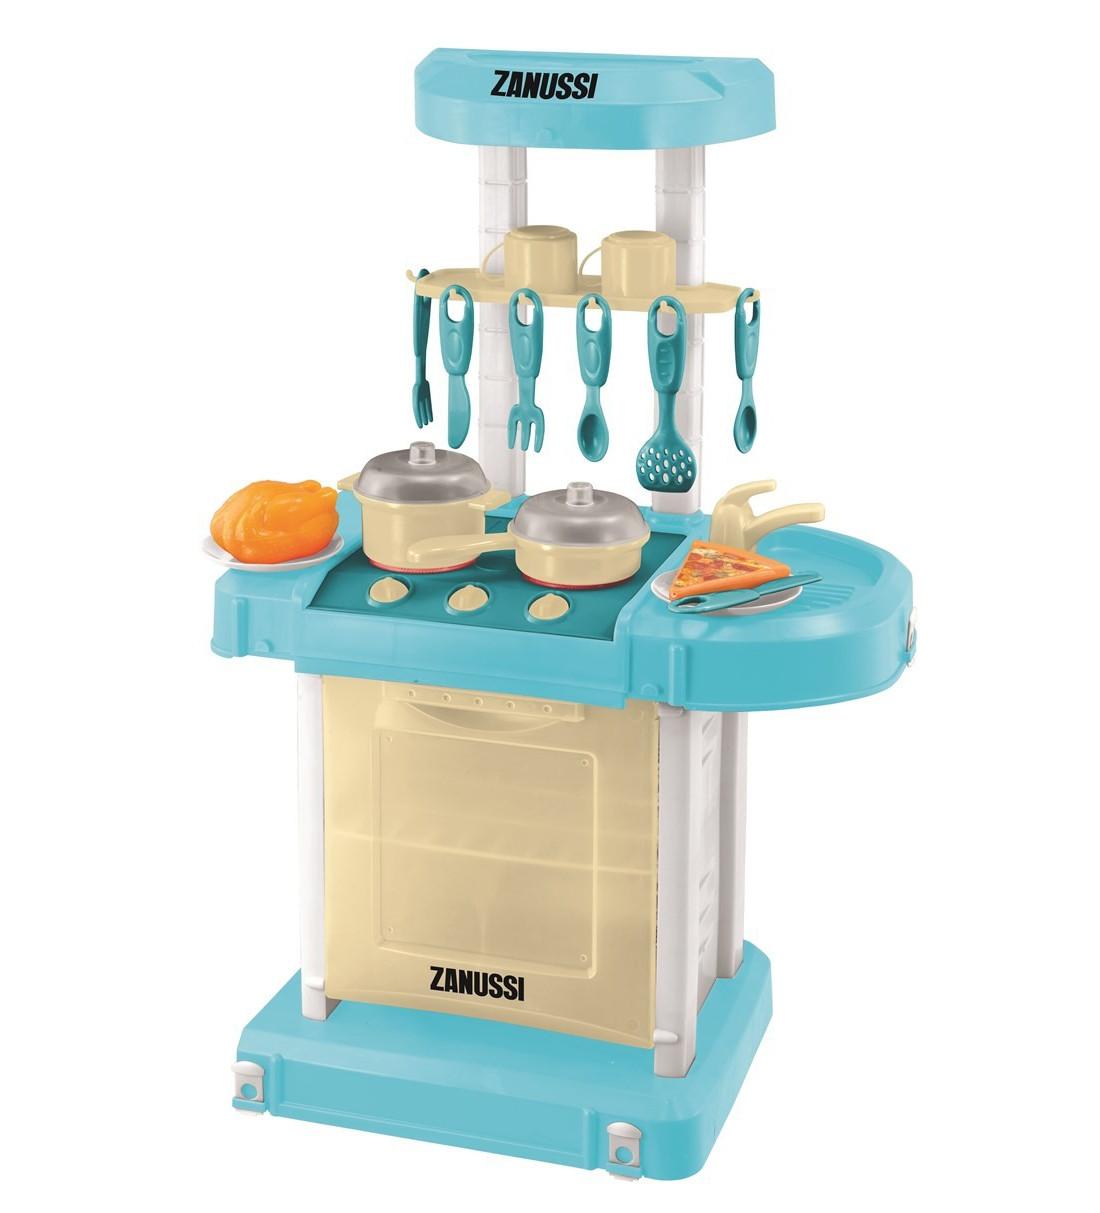 Кухня электронная мобильная ZanussiДетские игровые кухни<br>Кухня электронная мобильная Zanussi<br>